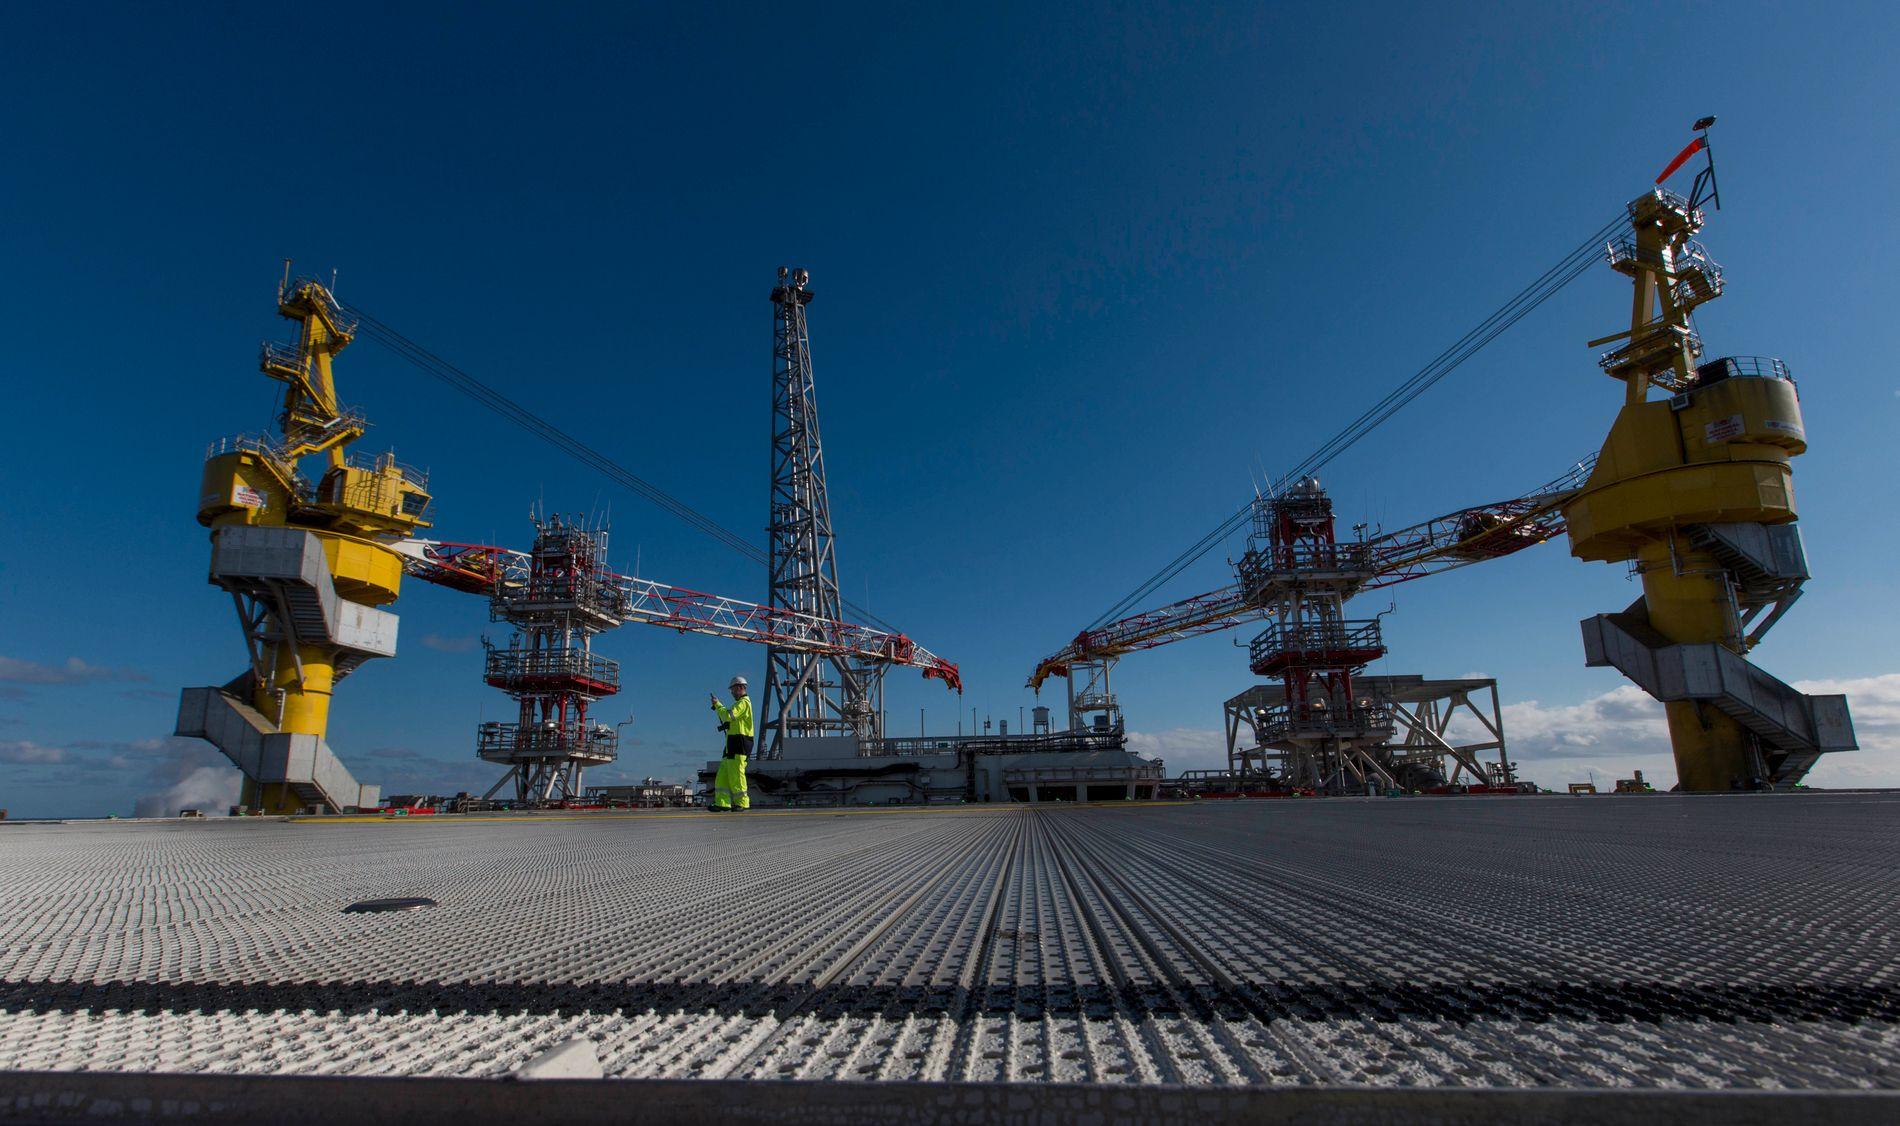 NY OLJE: Goliatplattformen ble bygget i Sør-Korea og tauet til Barentshavet, der den nå produserer den første oljen fra oljeprovinsen i nord.